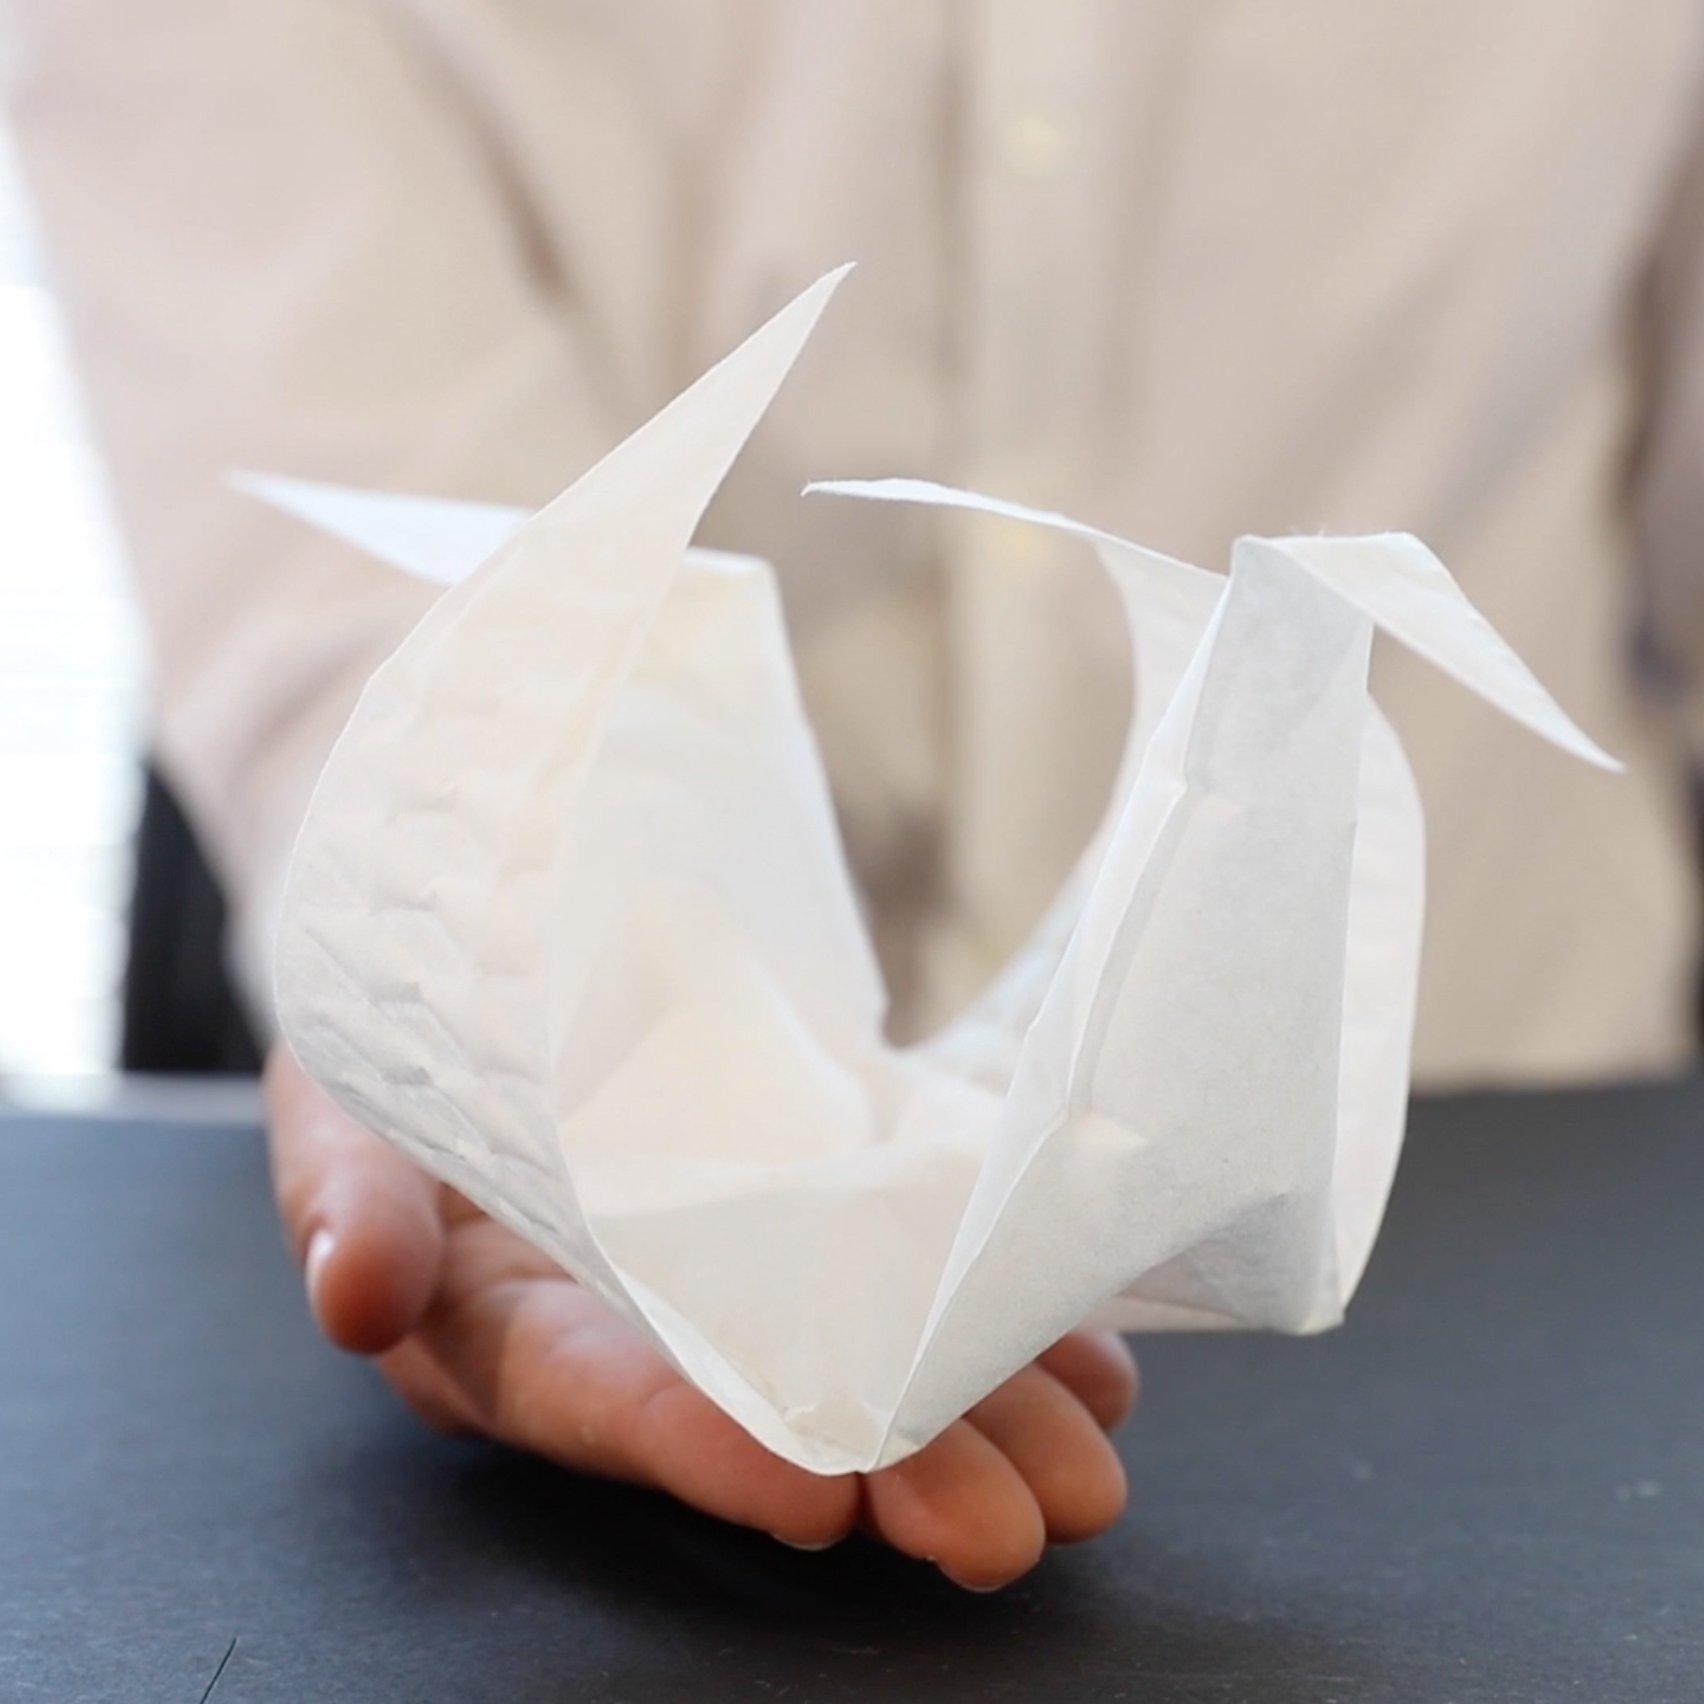 Awesome Origami Designs from a Galaxy Far, Far Away | 1704x1704